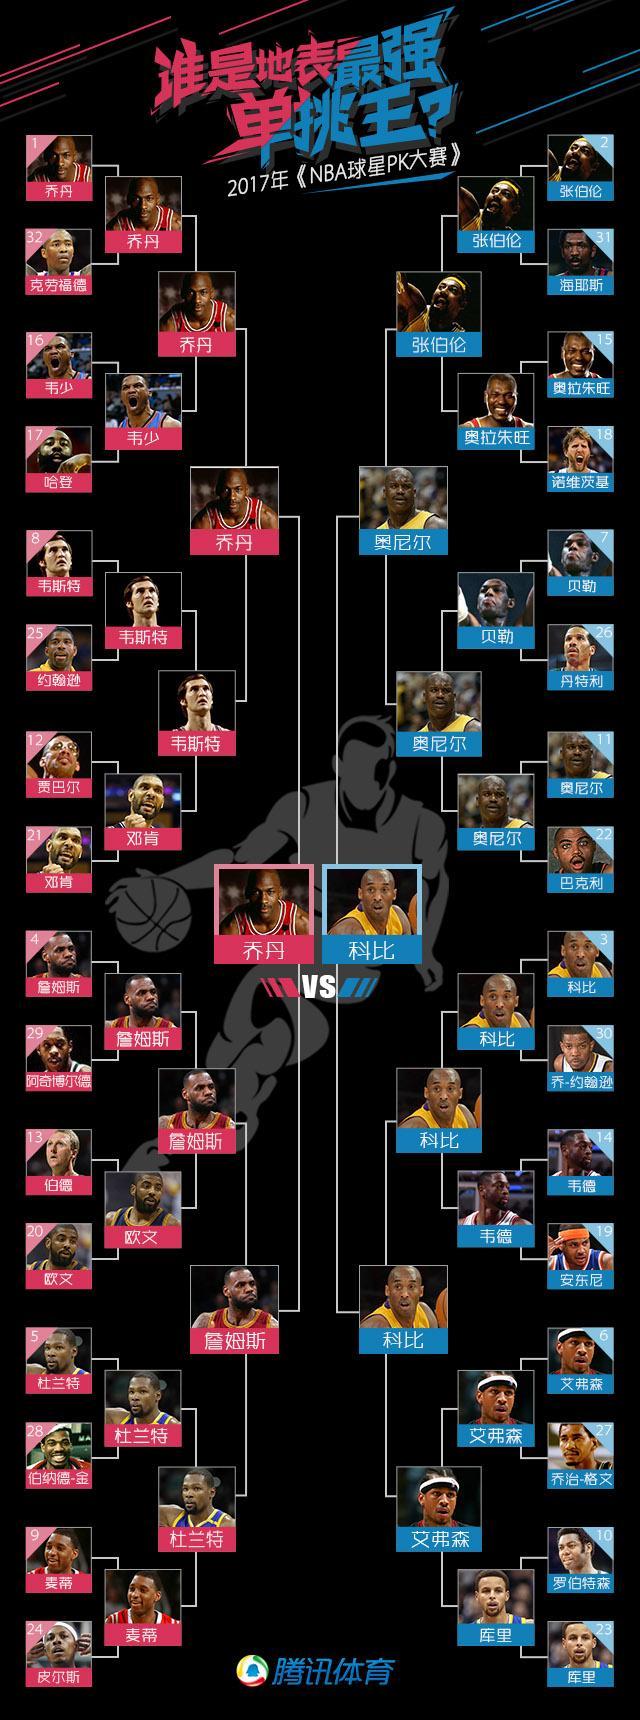 《最强NBA球星PK大赛》赛程